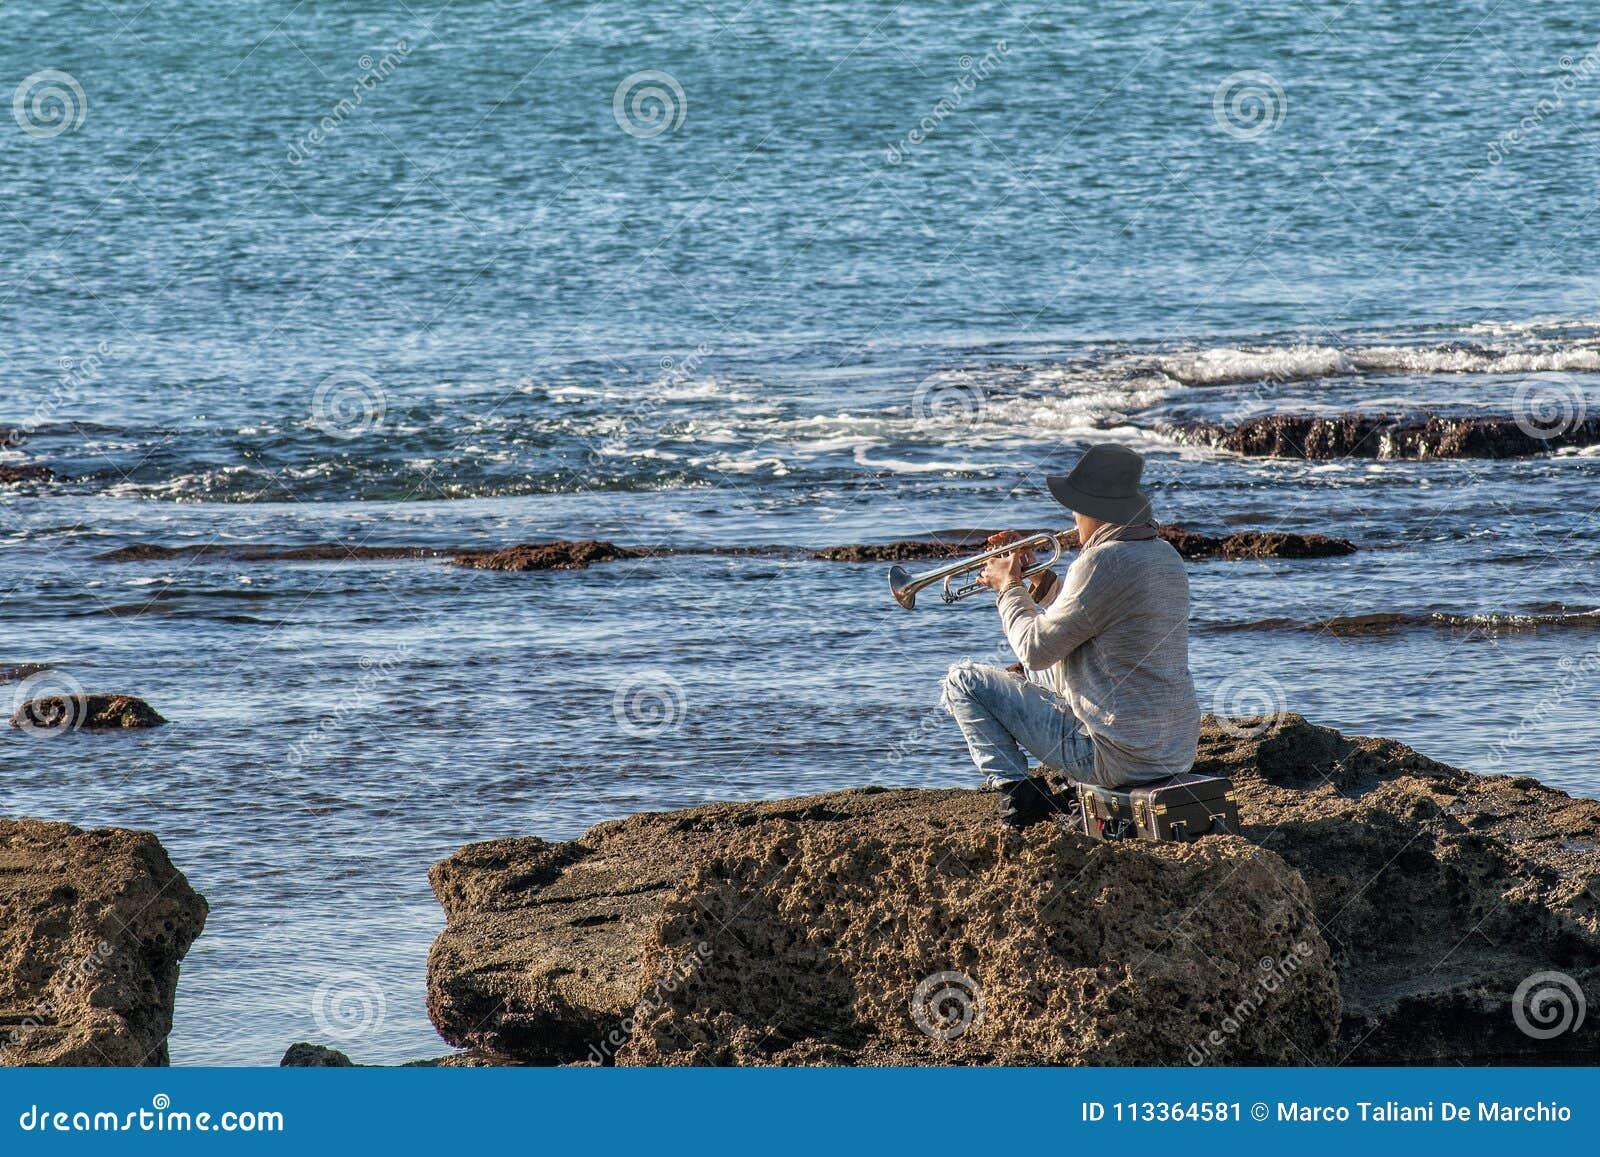 Πρόσωπο που παίζει τη συνεδρίαση saxophone στους βράχους μπροστά από μια όμορφη θάλασσα